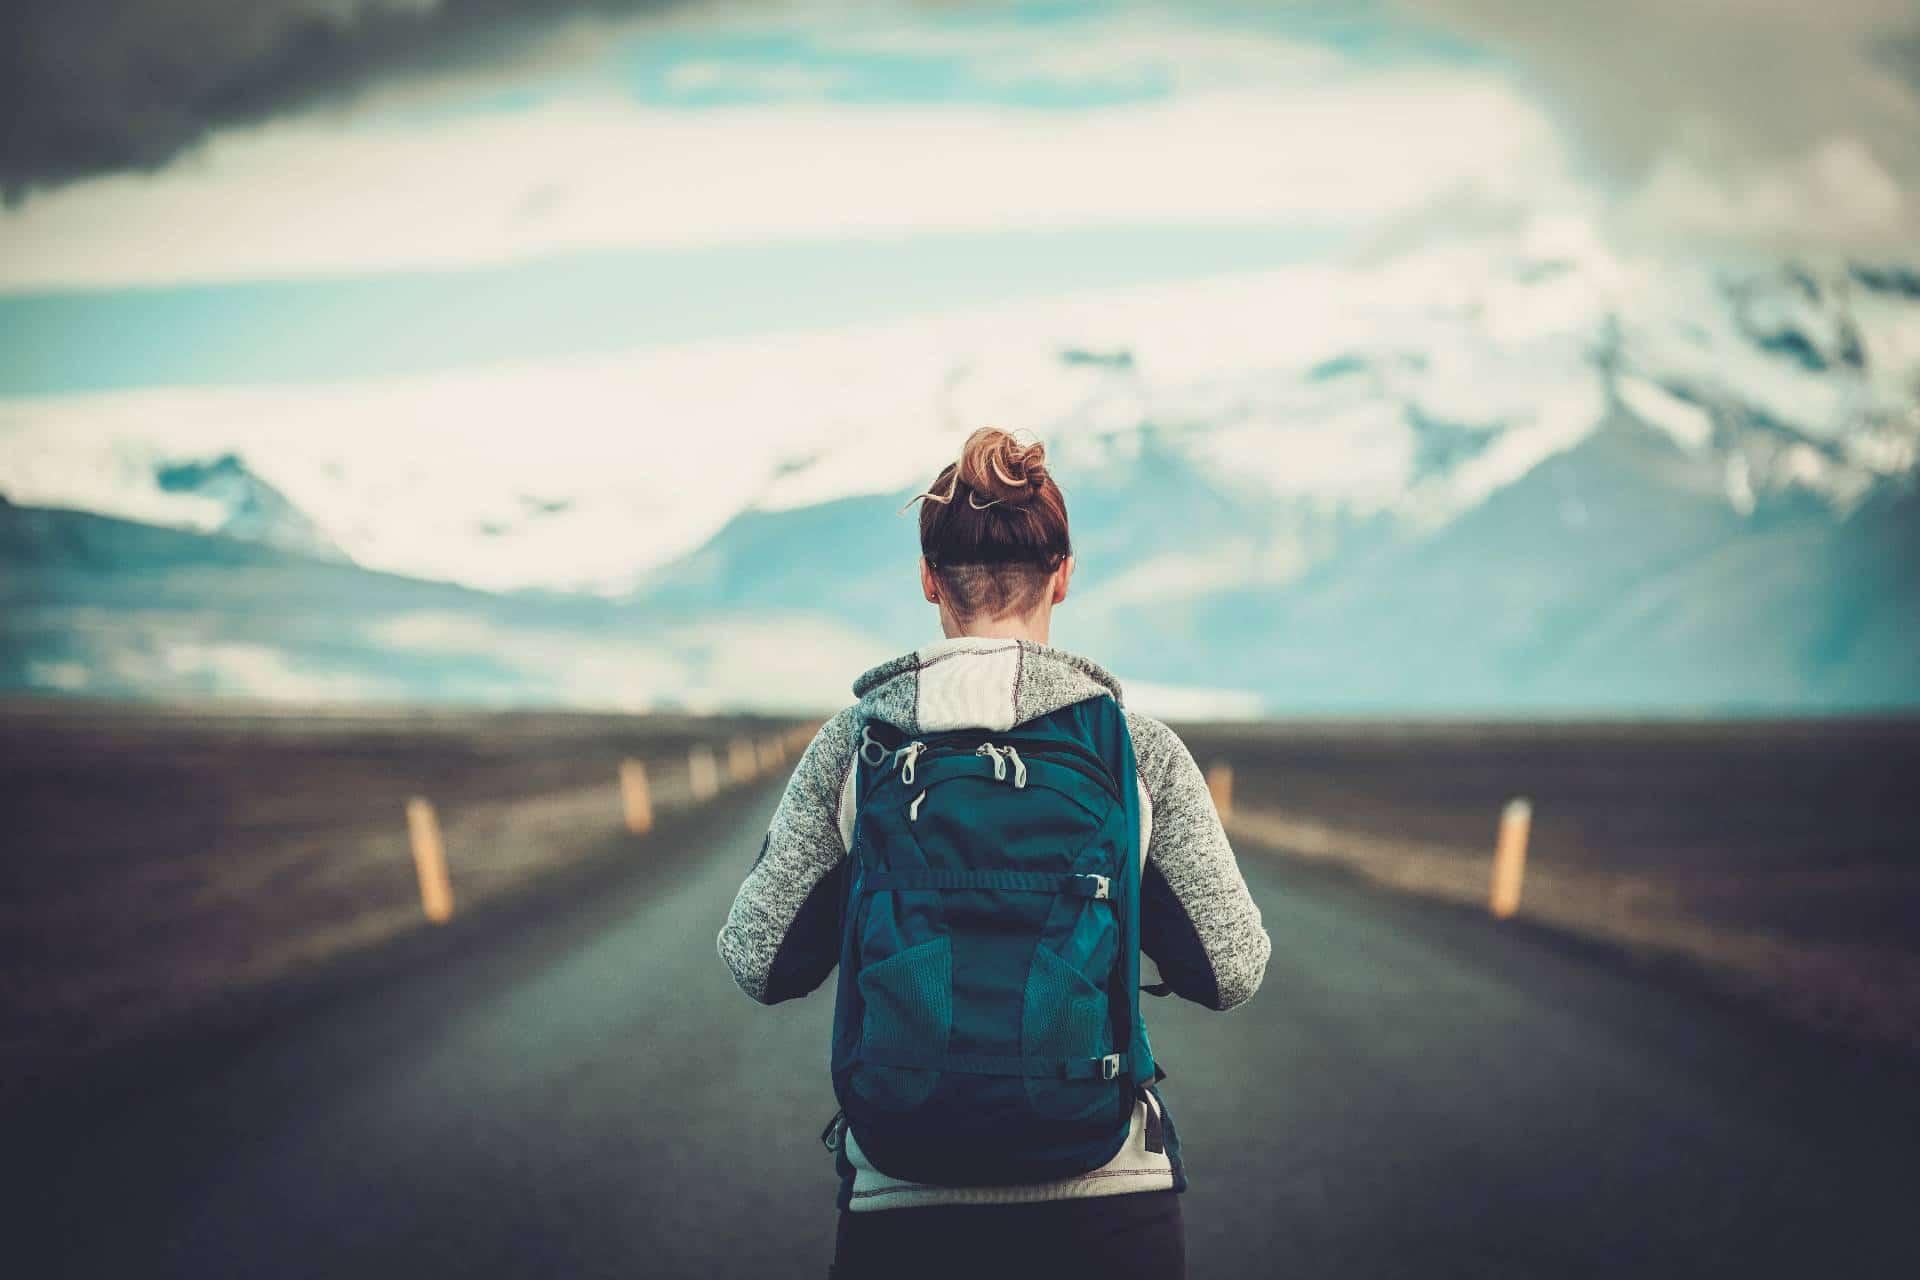 Cómo salir de la monotonía - Viajes en Bicicleta - Blog traveling